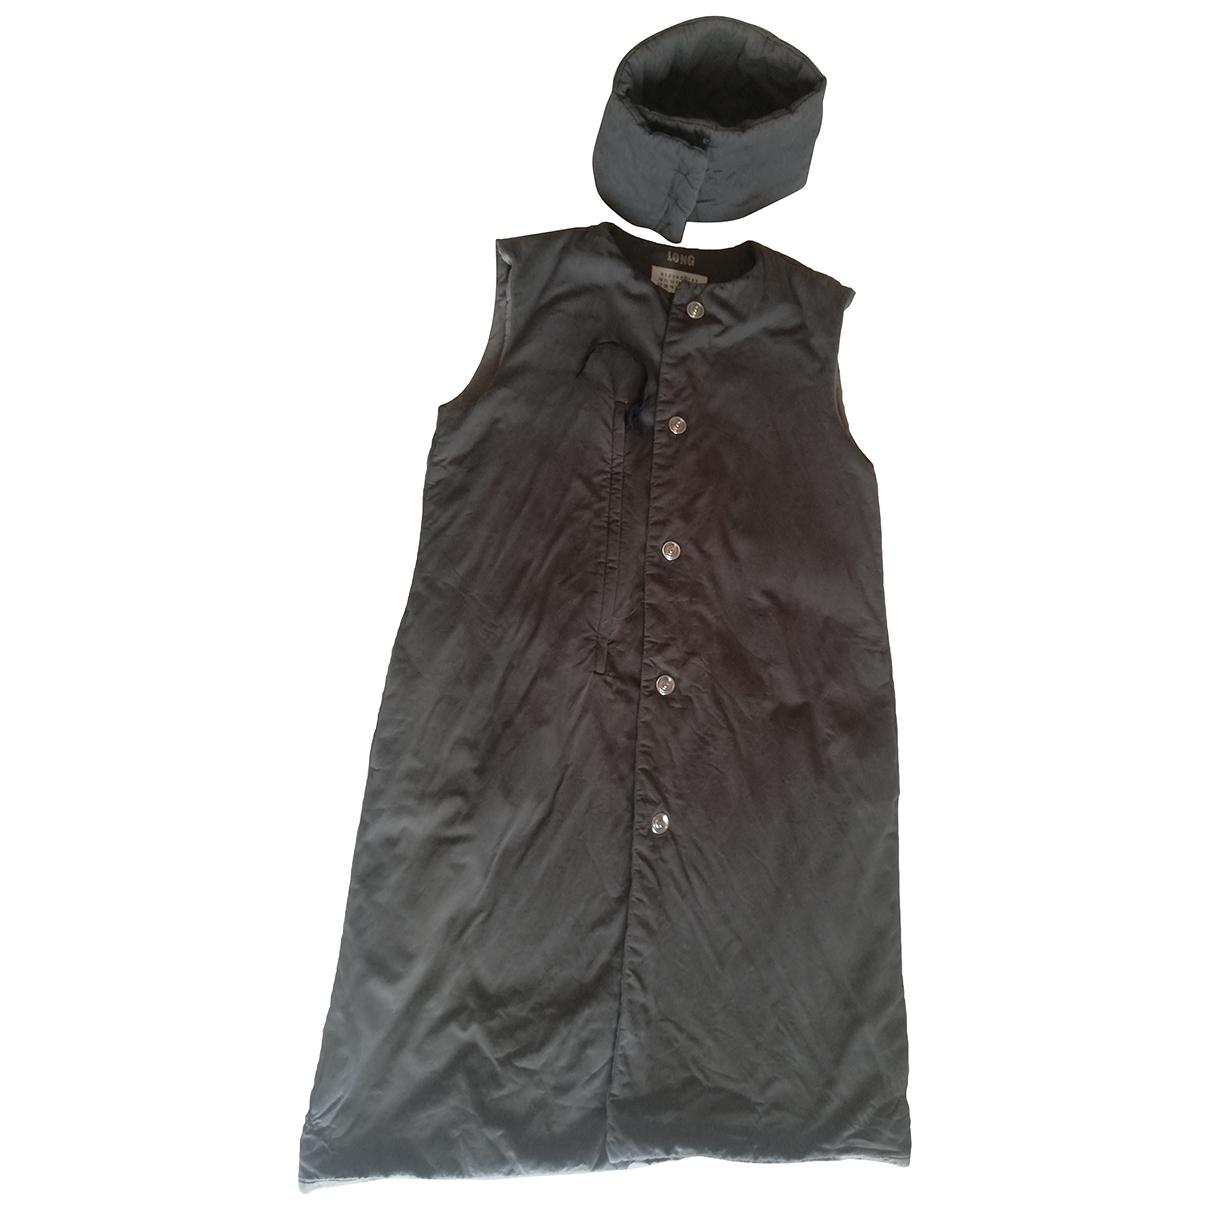 Maison Martin Margiela - Manteau   pour femme en coton - marron